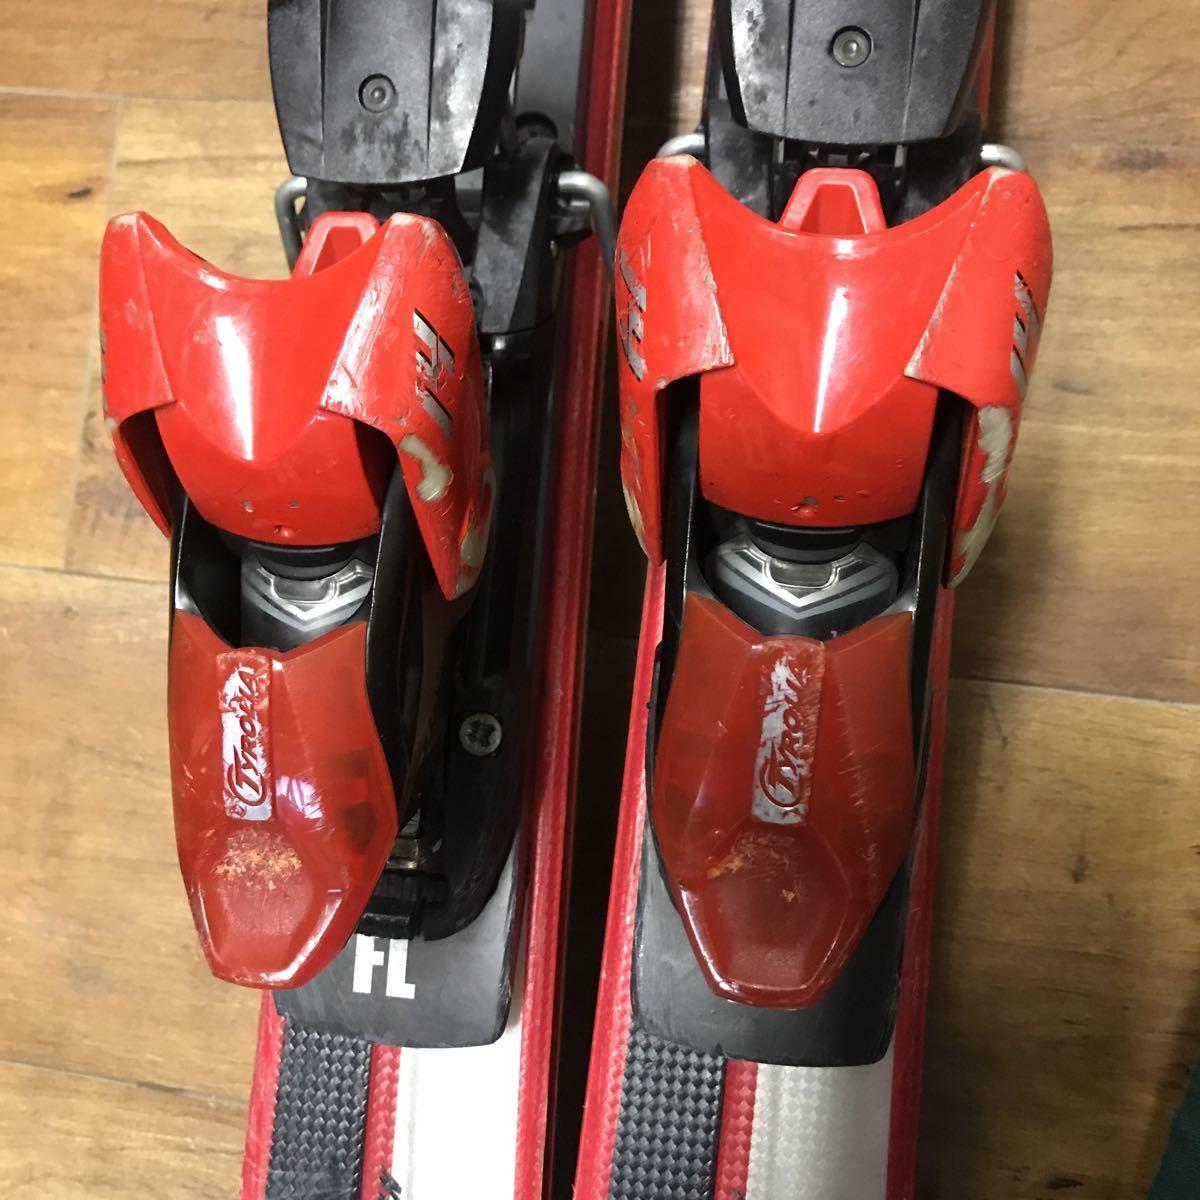 1円スタート! ♪4292♪ オガサカケオッズ GP-01 スキー板 スキー用品 春スキー スキーウエア スキー テレマークスキー アルペンスキー _画像6